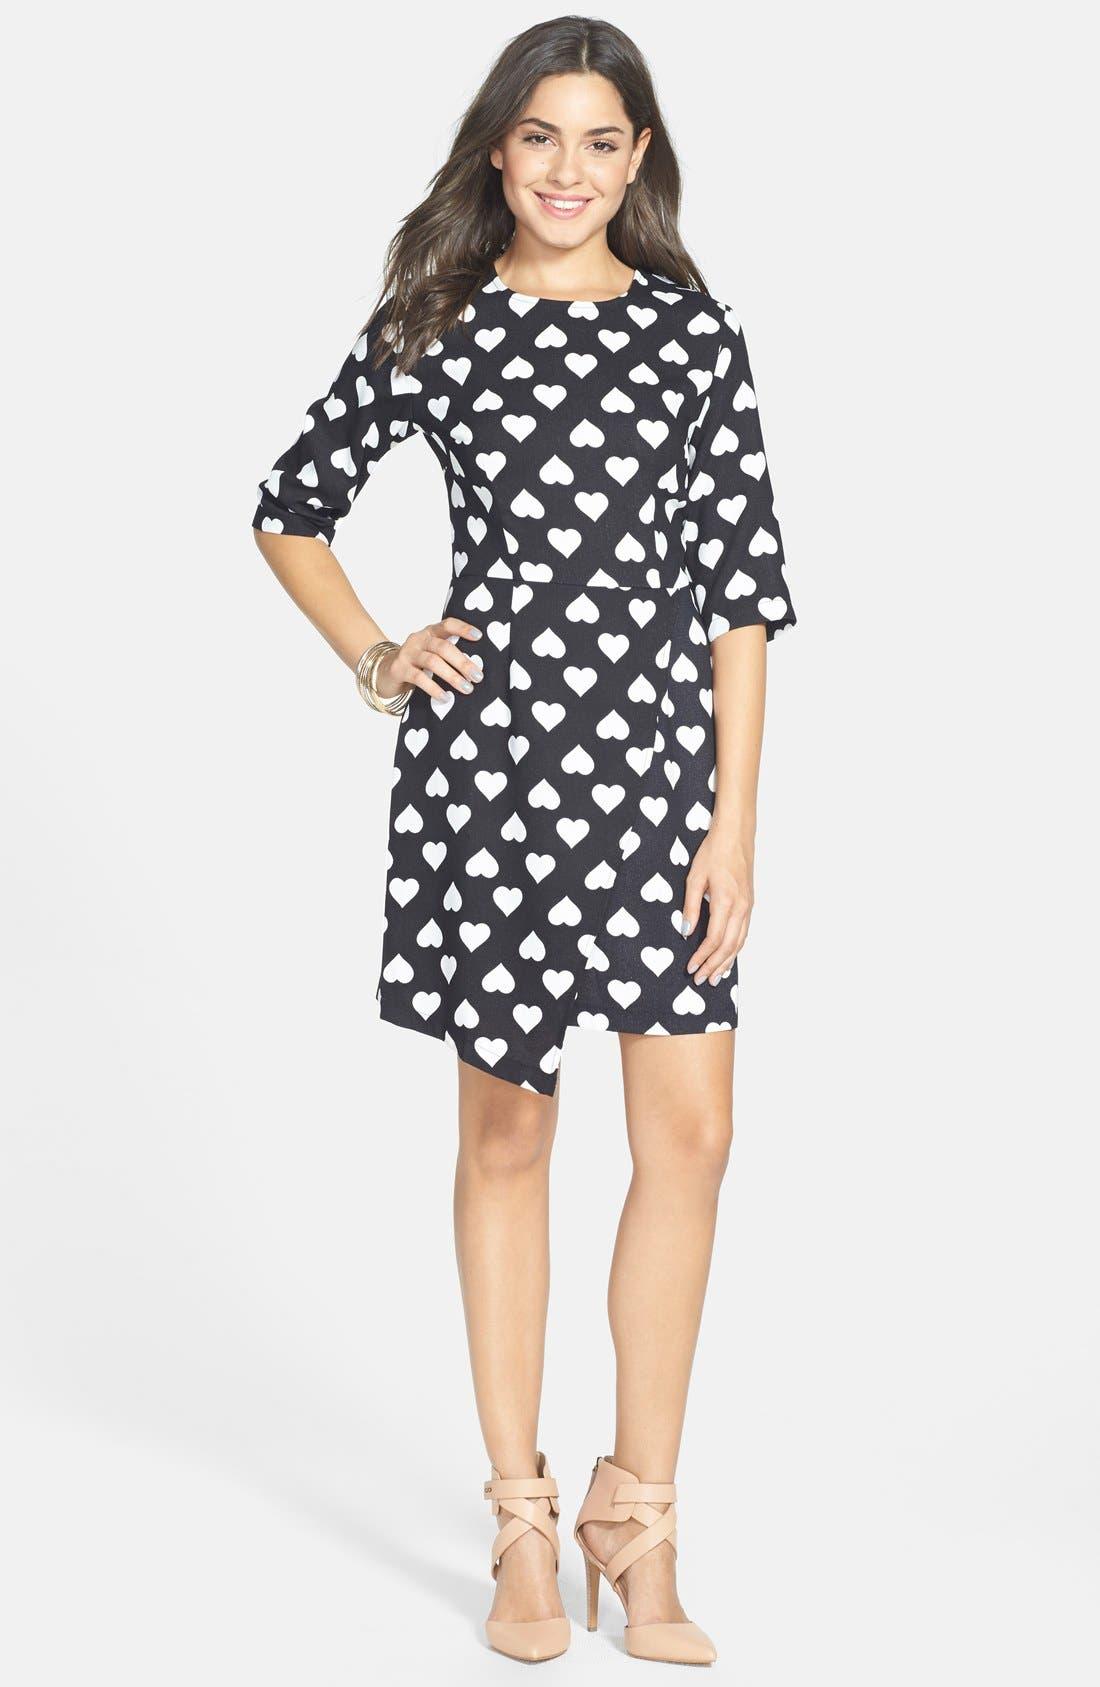 POPPY LUX, 'Nancy' Heart Print Asymmetrical Dress, Main thumbnail 1, color, 001